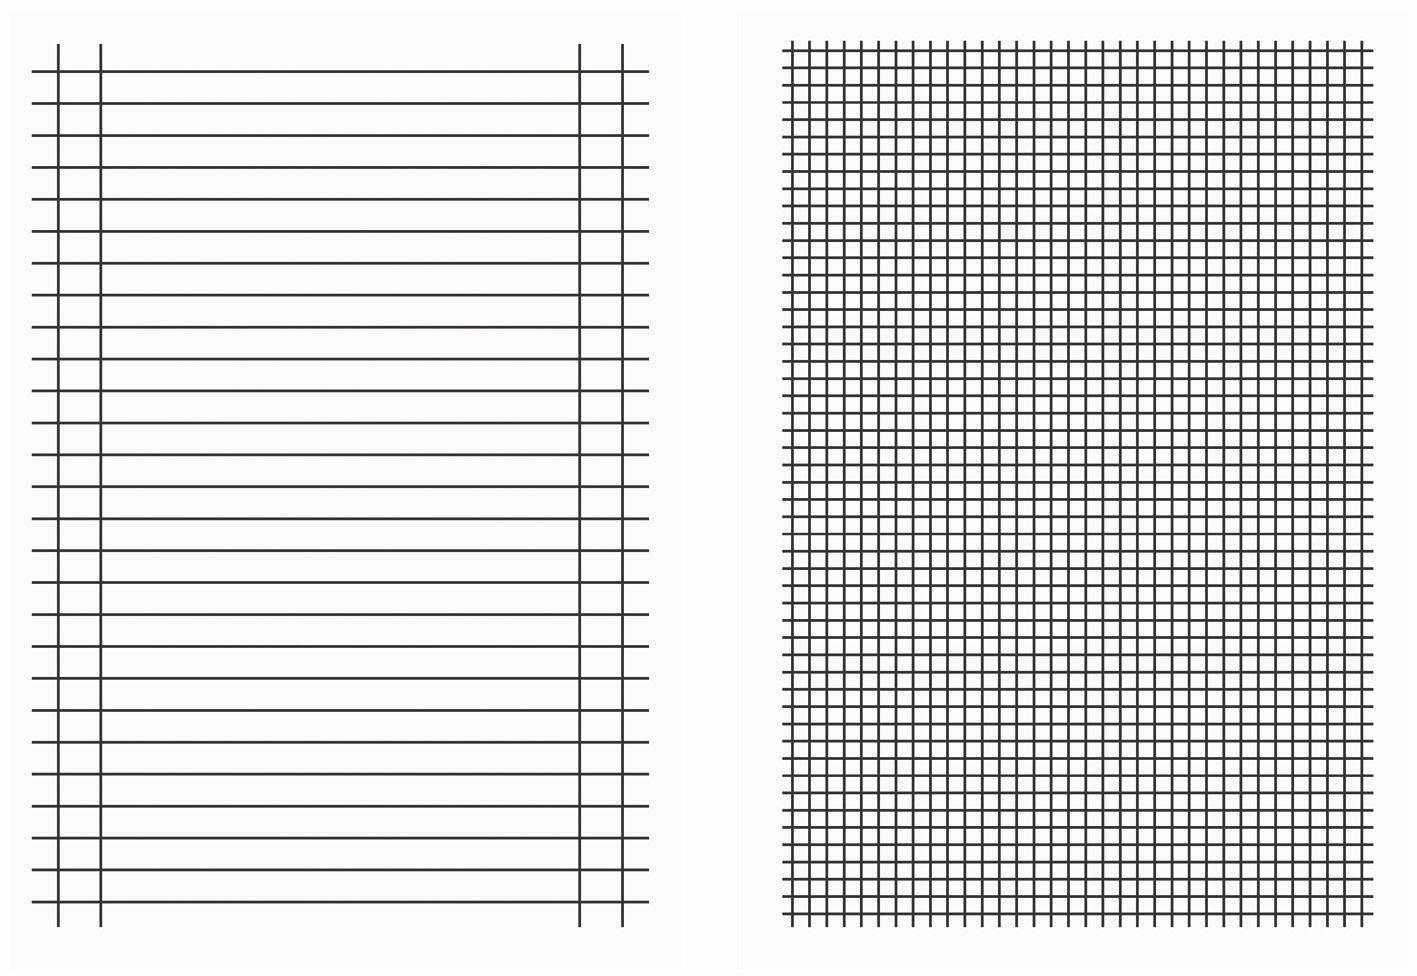 Kariertes Papier Ausdrucken Neu 15 Liniertes Papier Drucken verwandt mit Liniertes Blatt Word